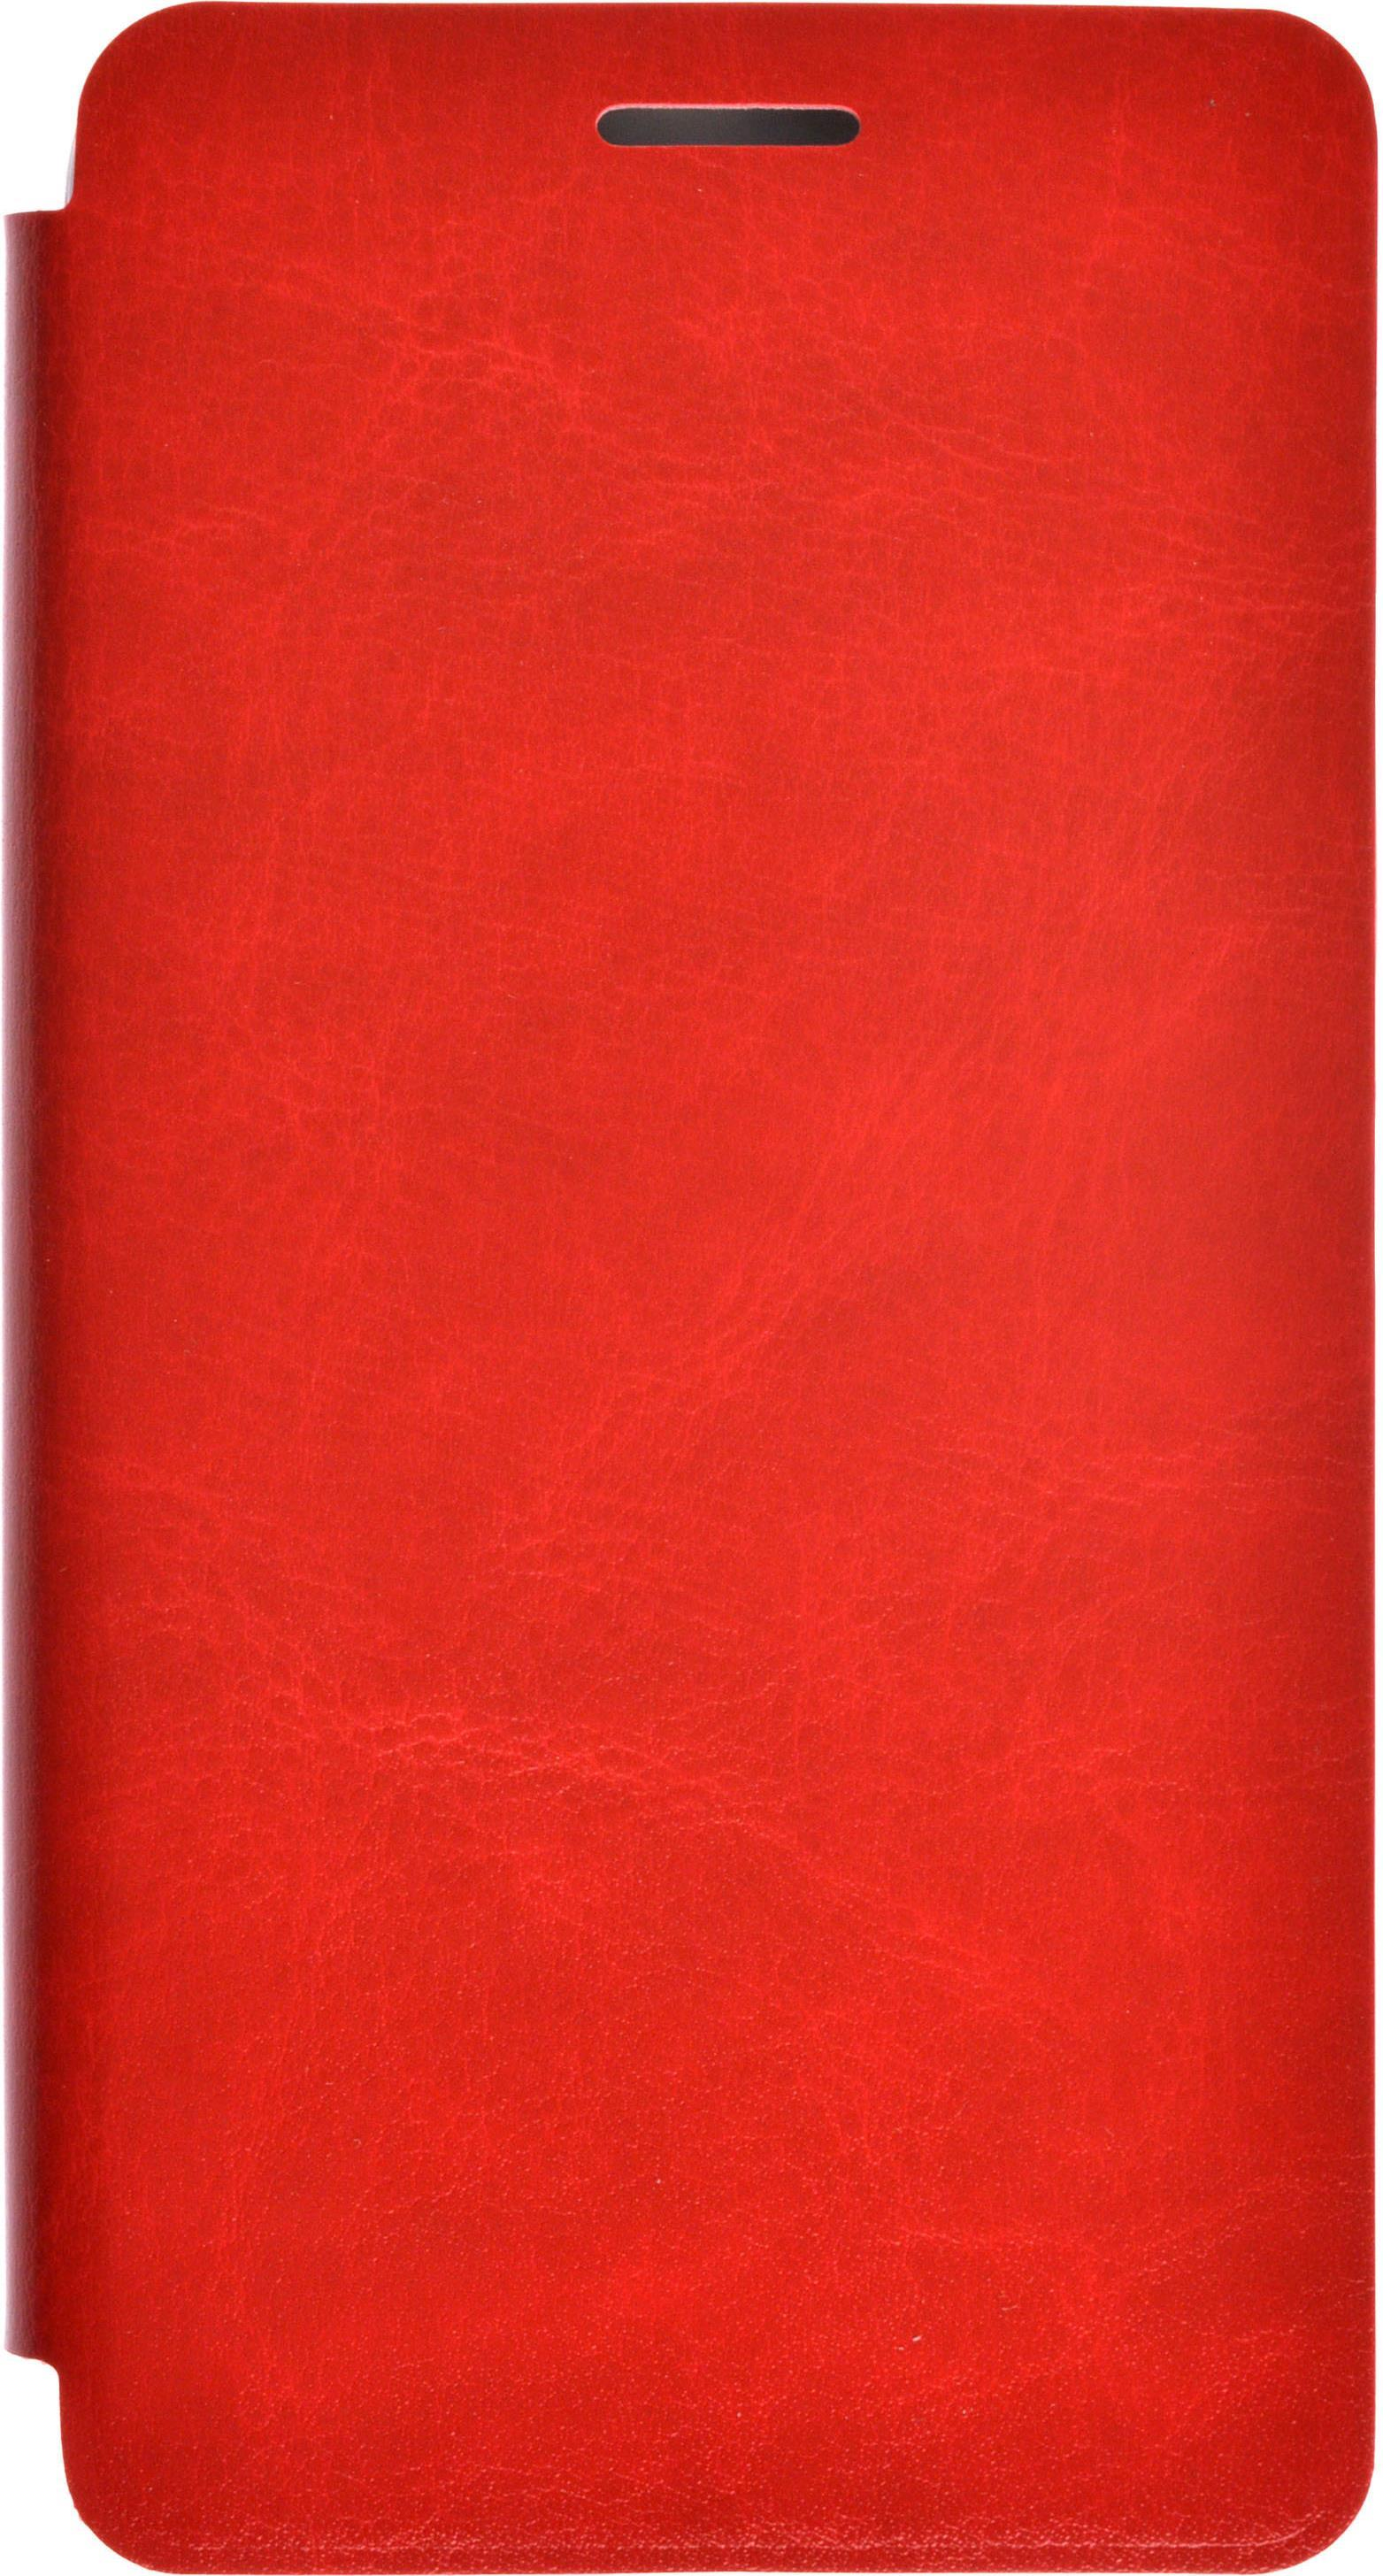 Чехол для сотового телефона skinBOX Lux, 4660041407082, красный чехол для meizu m3 note gecko flip красный